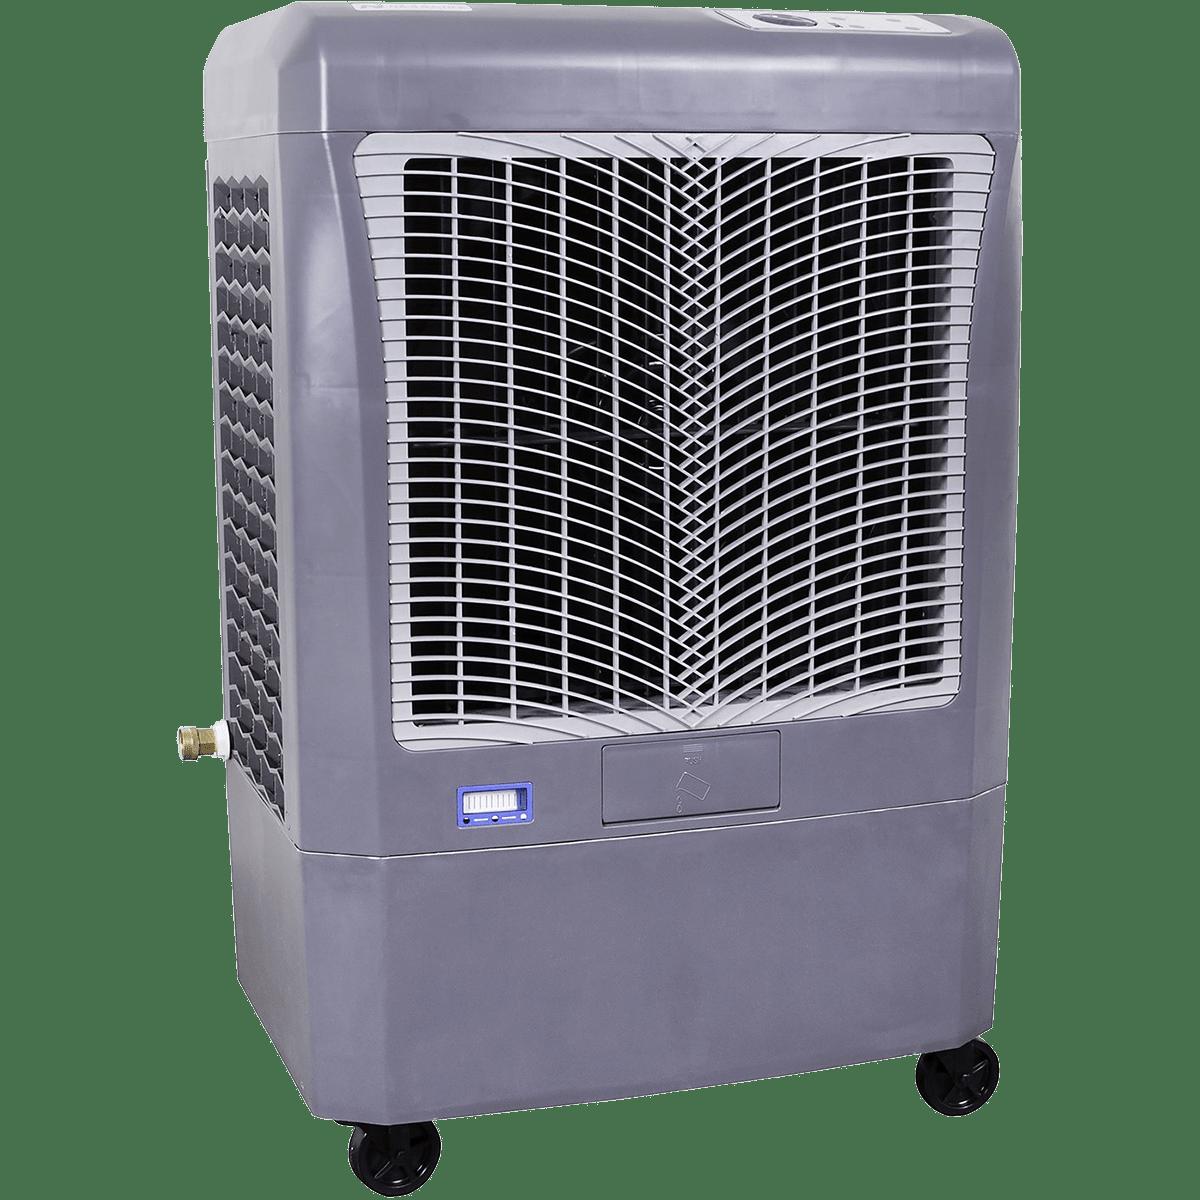 Hessaire MC37A 2,200 CFM Evaporative Cooler w/ Automatic Controls he6350